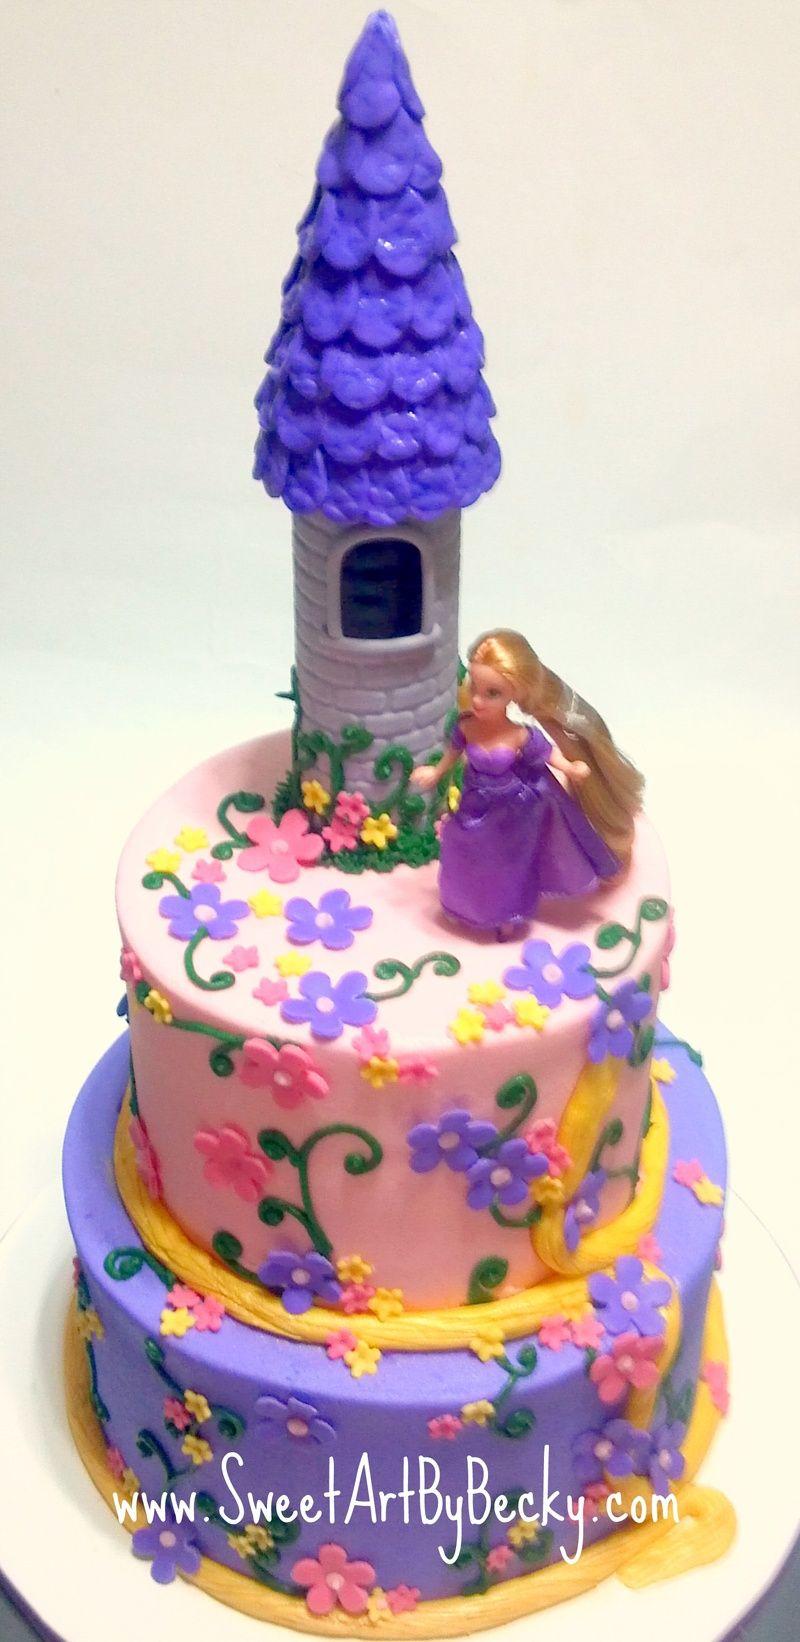 Tangled Birthday Cakes Cleveland Dayton Wedding Birthday